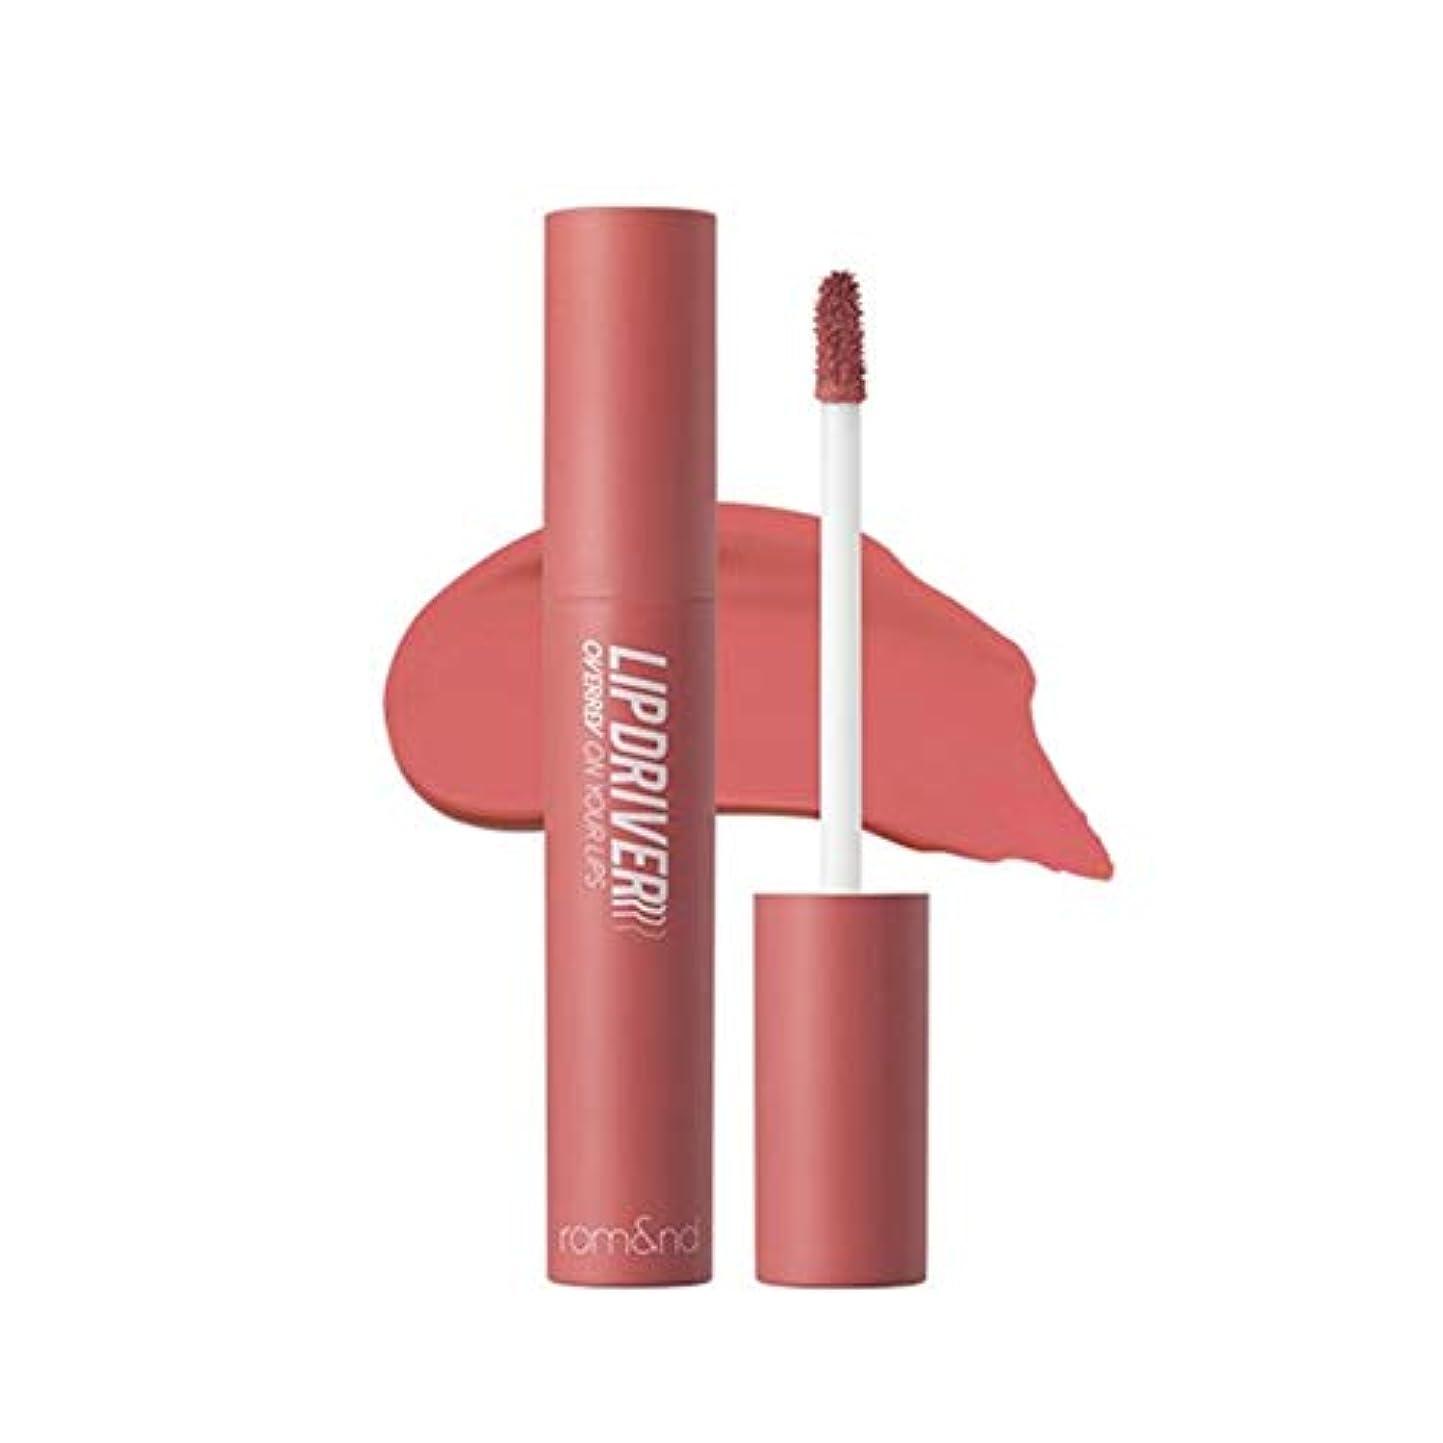 酔った責密度ローム?アンド?リップドライバリップスティック5カラー韓国コスメ、Rom&nd Lipdriver Lipstick 5 Colors Korean Cosmetics [並行輸入品] (#05. overrev)